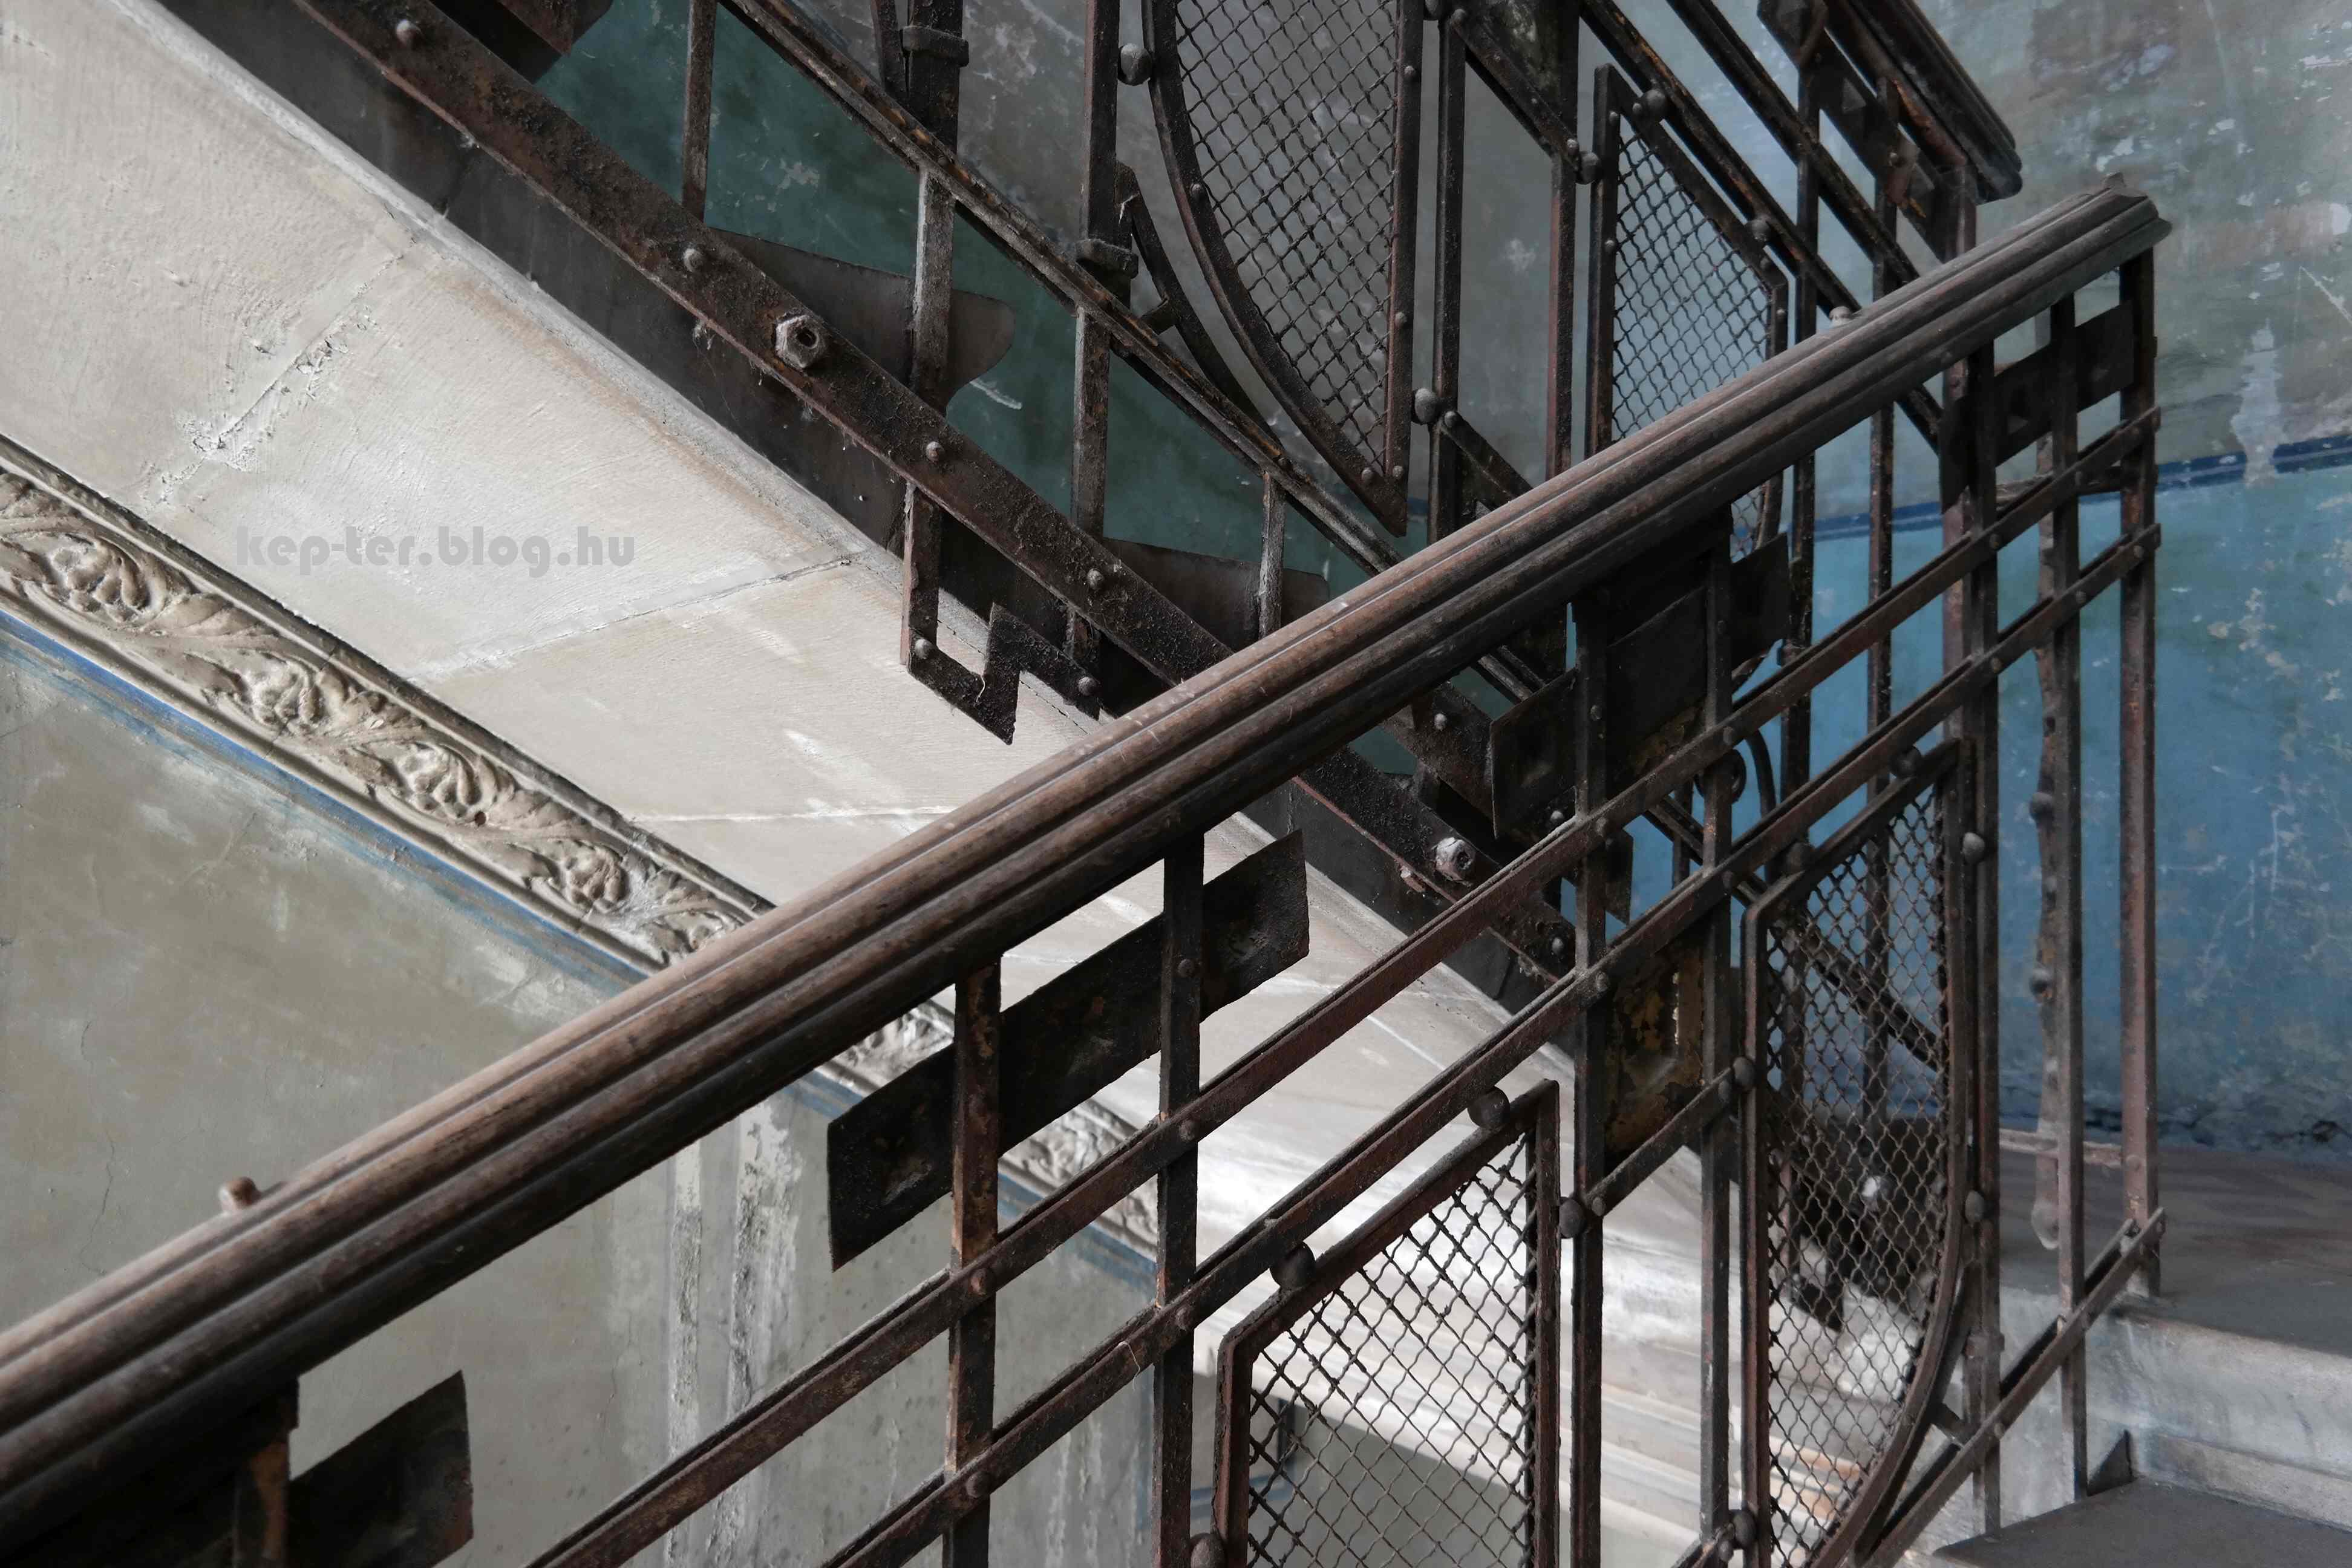 Ebben a galériában kivétel nélkül a 2015 augusztusi képek vannak, azóta lehet hogy kifestették a lépcsőházat. Ha valaki járt benne, írja meg.